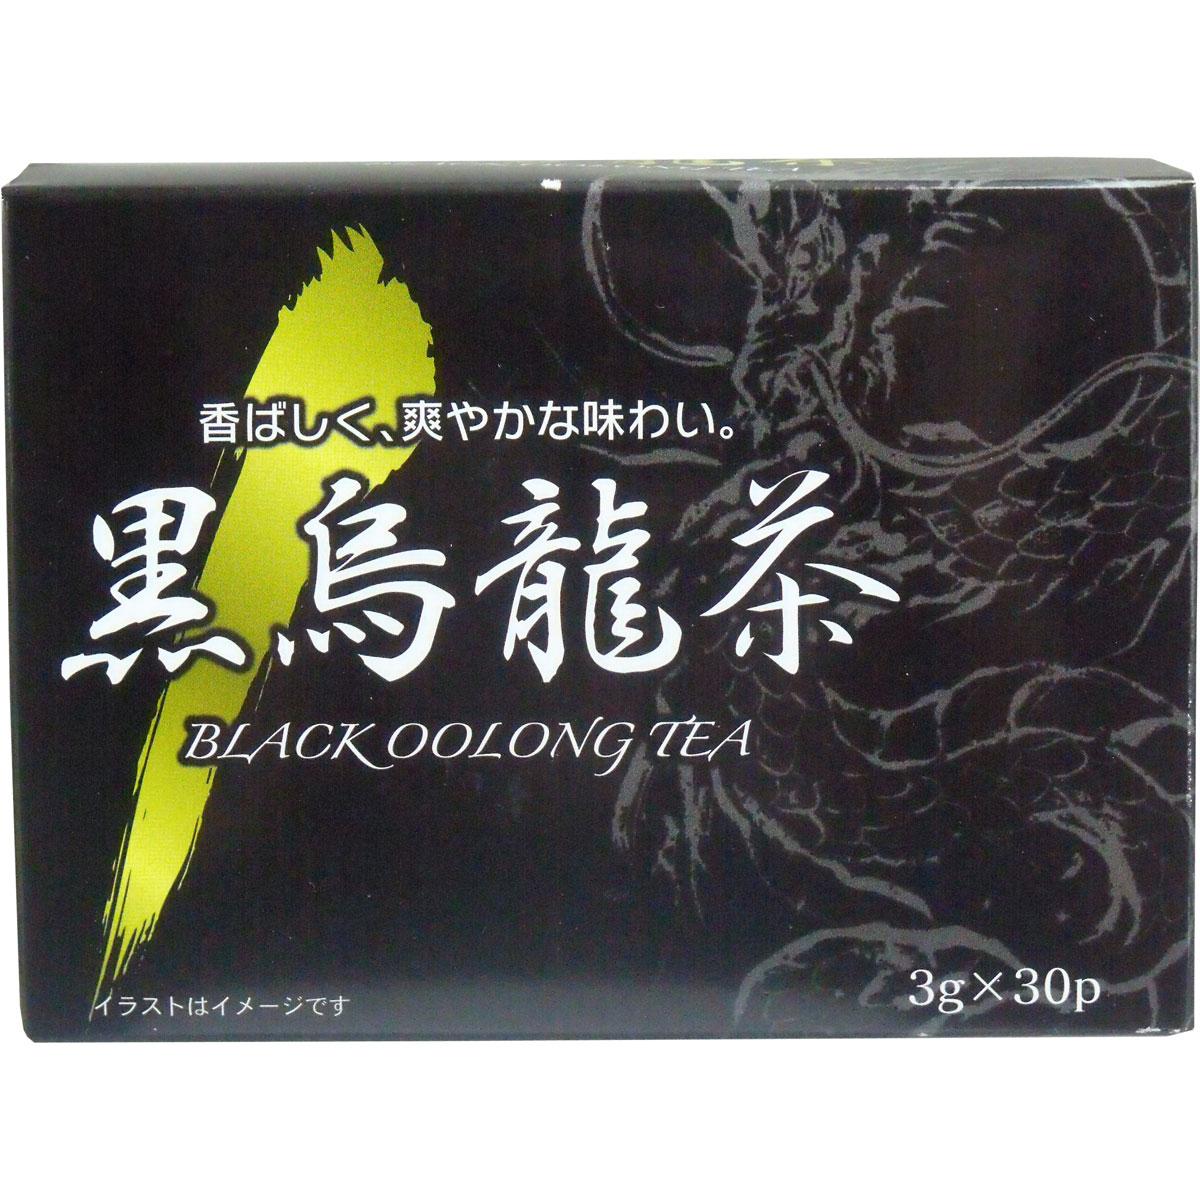 ※黒烏龍茶 3g×30袋入